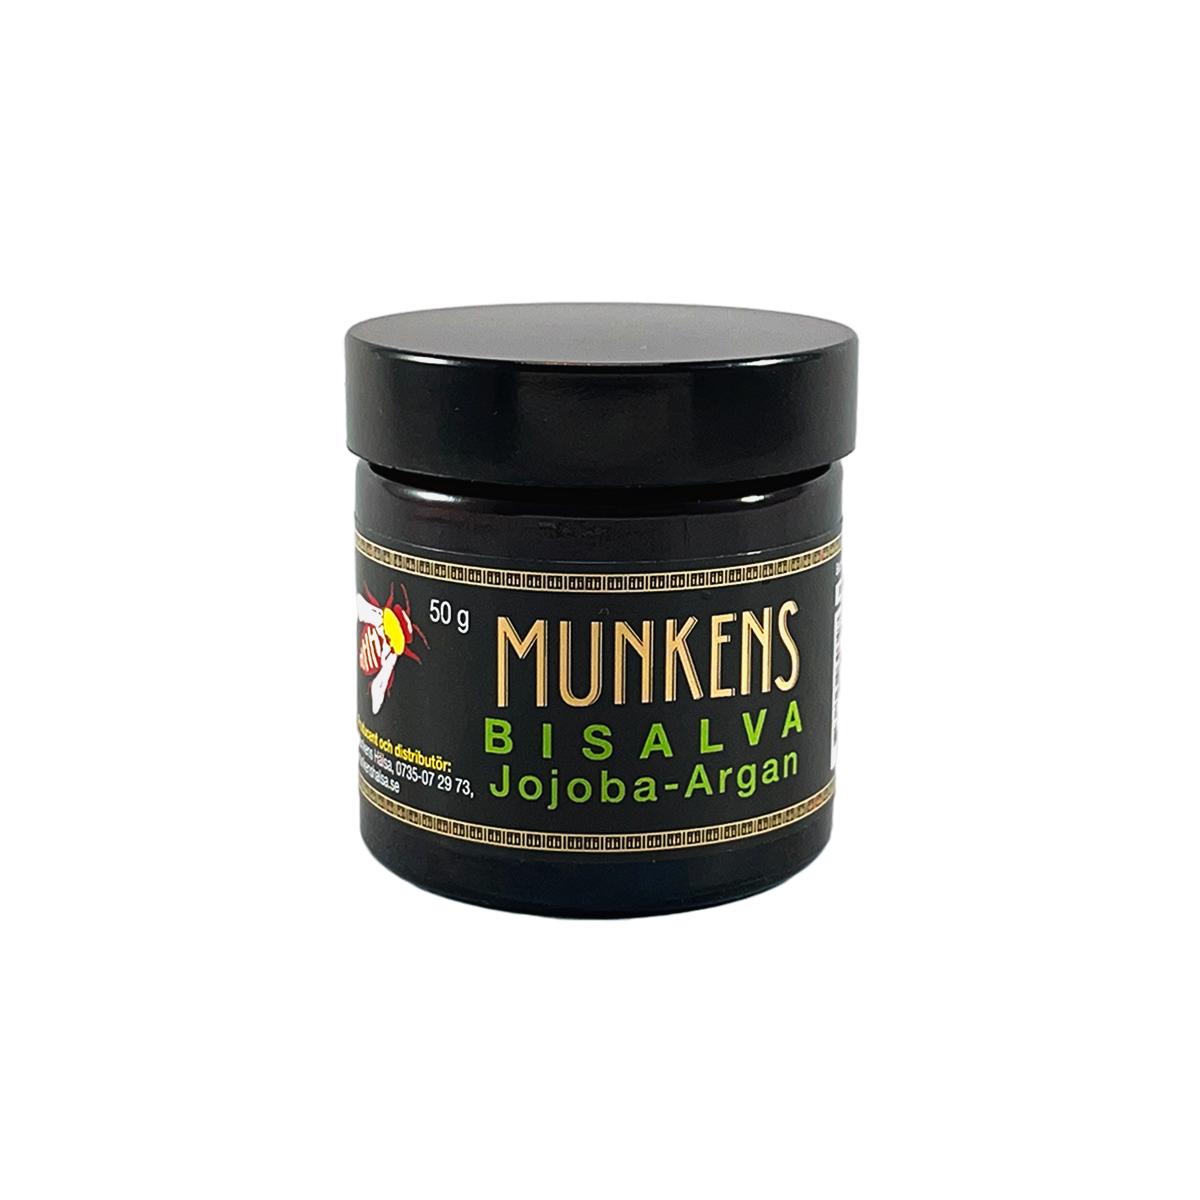 Munkens Bisalva Jojoba Argan – 50 g (Nya)